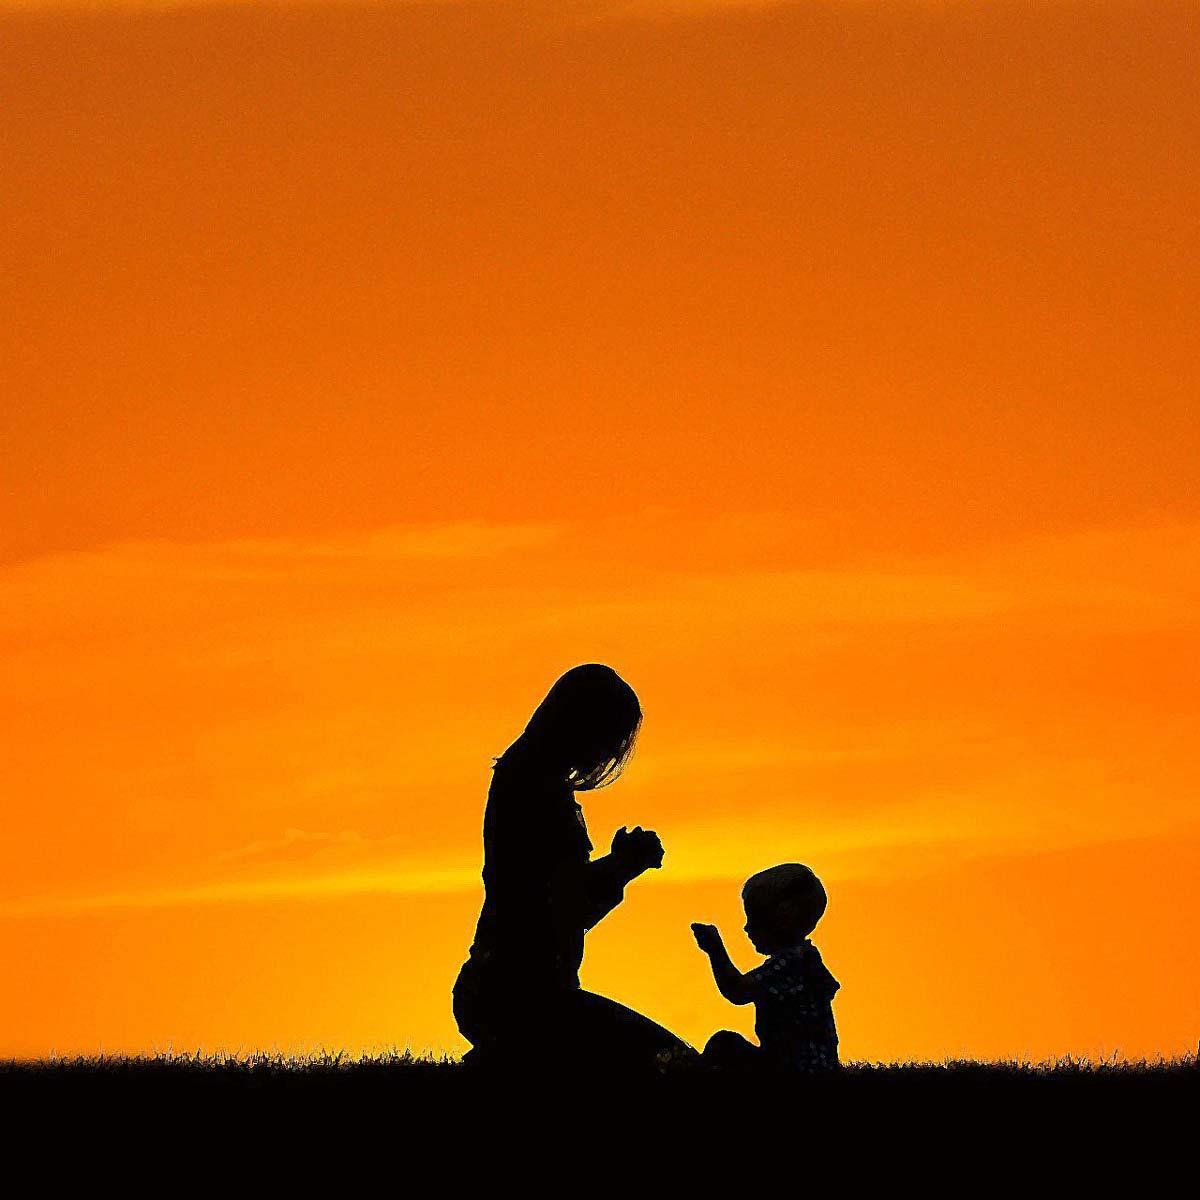 mom-praying-5137274_1280_resize.jpg